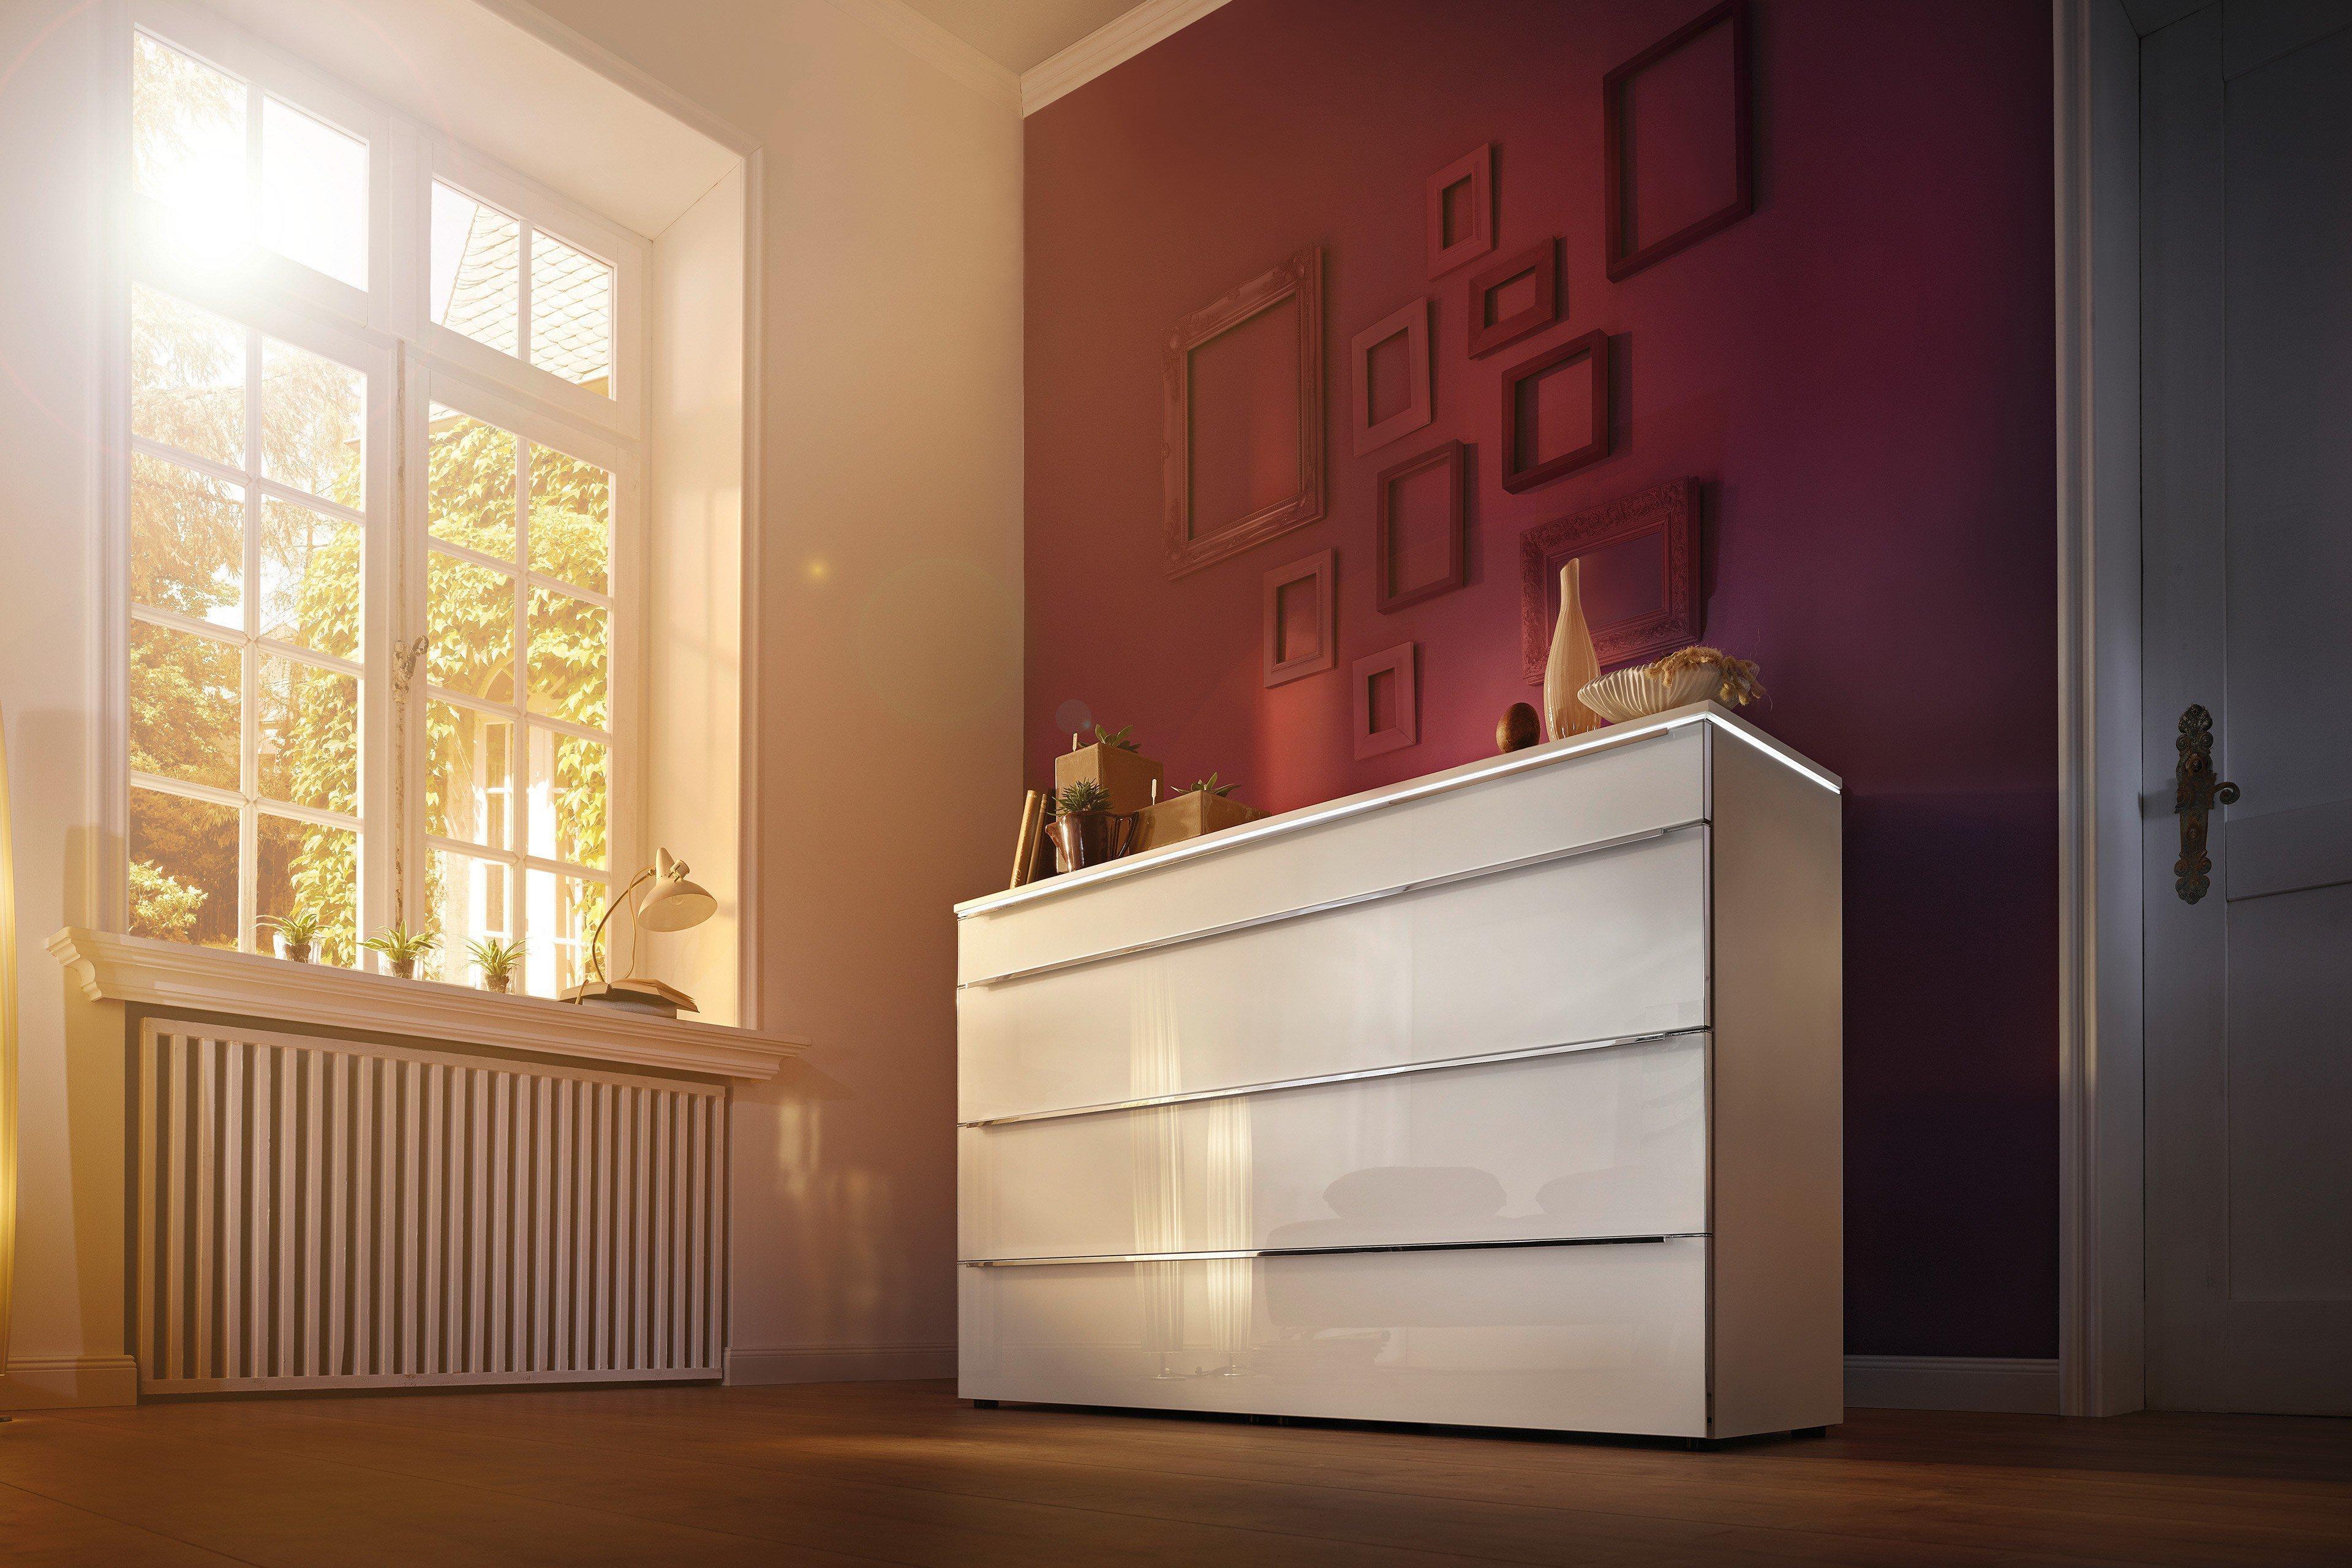 nolte mbel preisliste affordable bilder von nolte kuchen preise kchen gnstig planen und kaufen. Black Bedroom Furniture Sets. Home Design Ideas